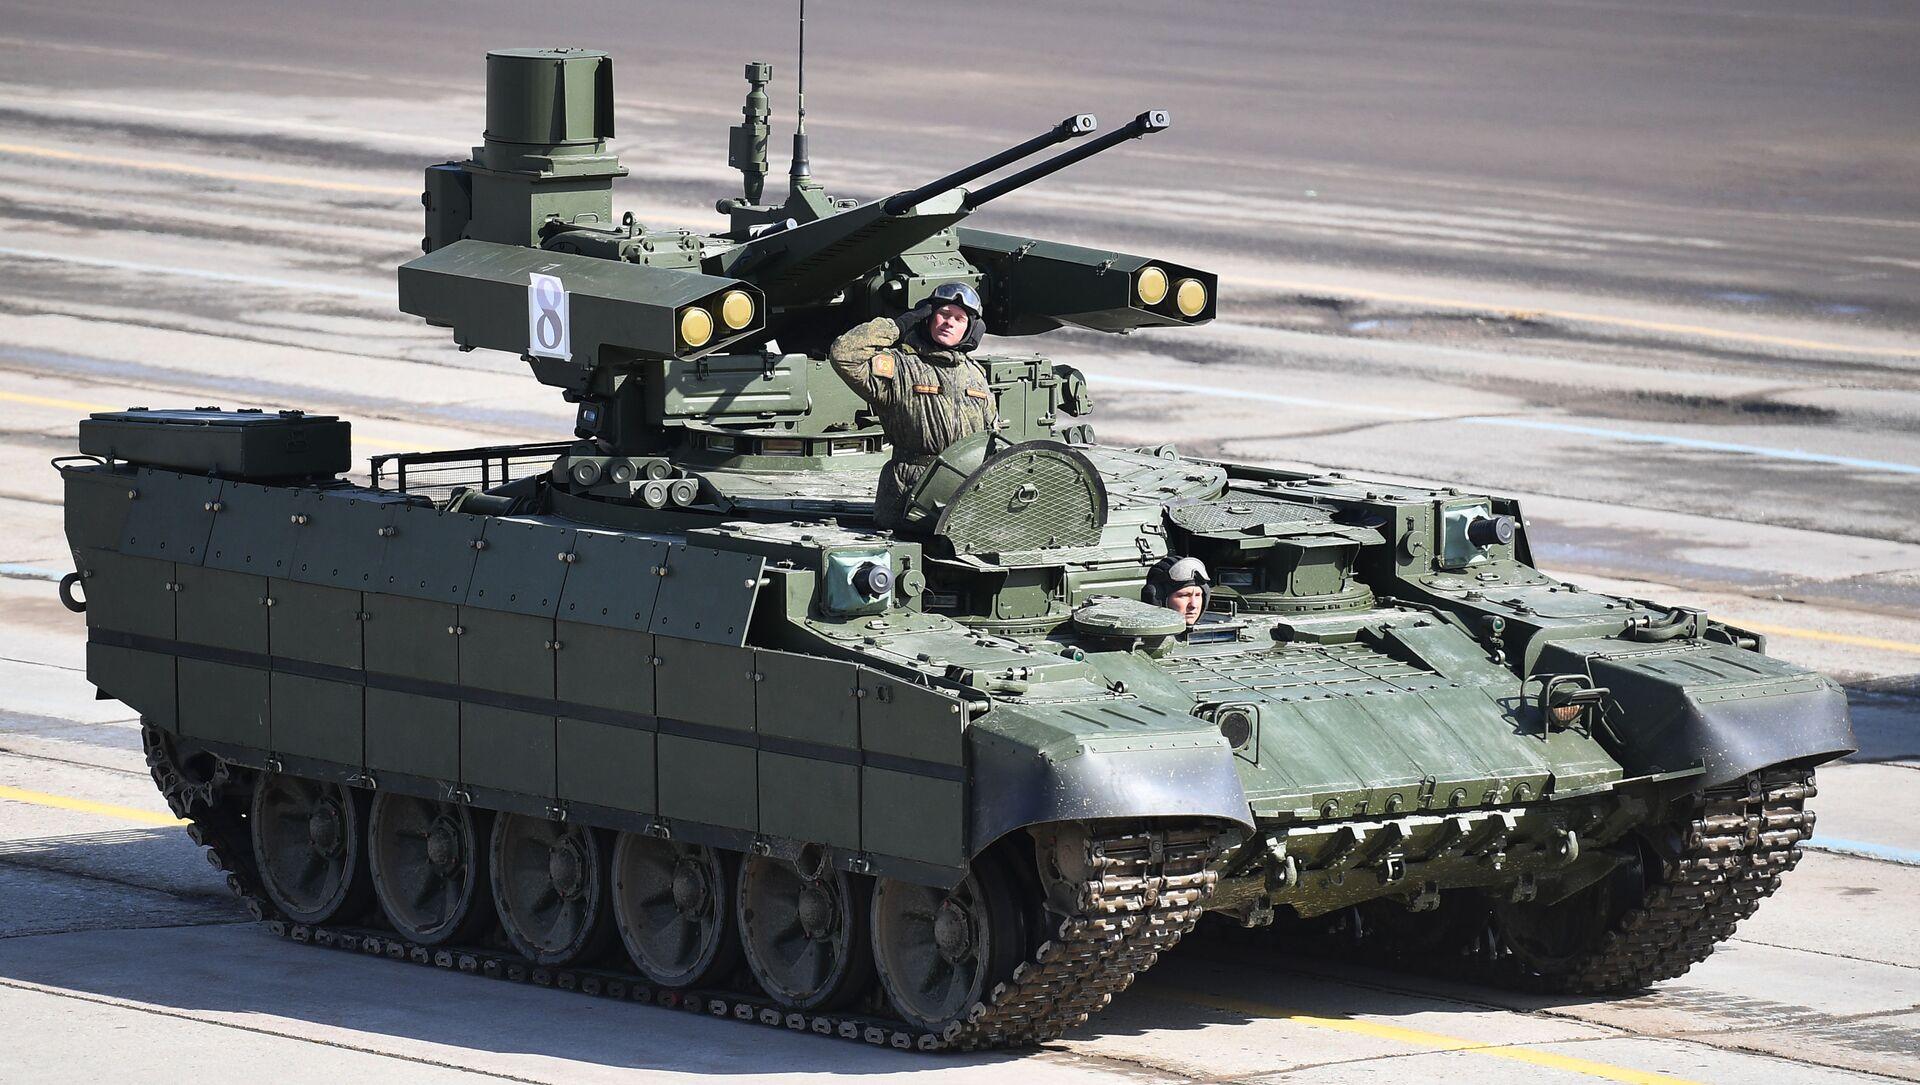 """Wóz bojowy wsparcia czołgów """"Terminator"""" podczas próby przed Paradą Zwycięstwa na poligonie wojskowym """"Alabino"""" w obwodzie moskiewskim - Sputnik Polska, 1920, 05.03.2021"""